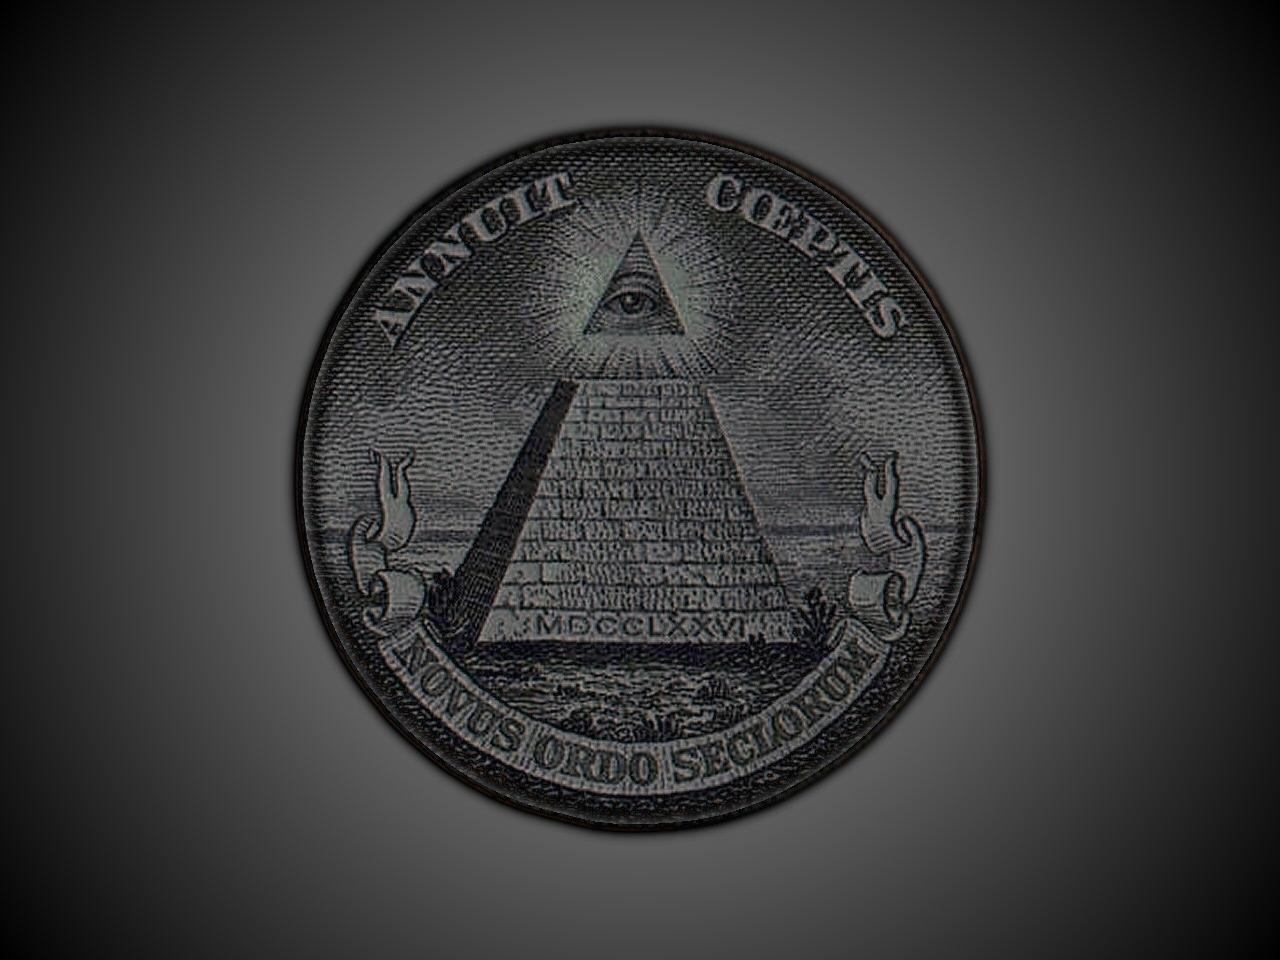 Iphone wallpaper illuminati - Illuminati Logo Wallpaper Images Amp Pictures Becuo